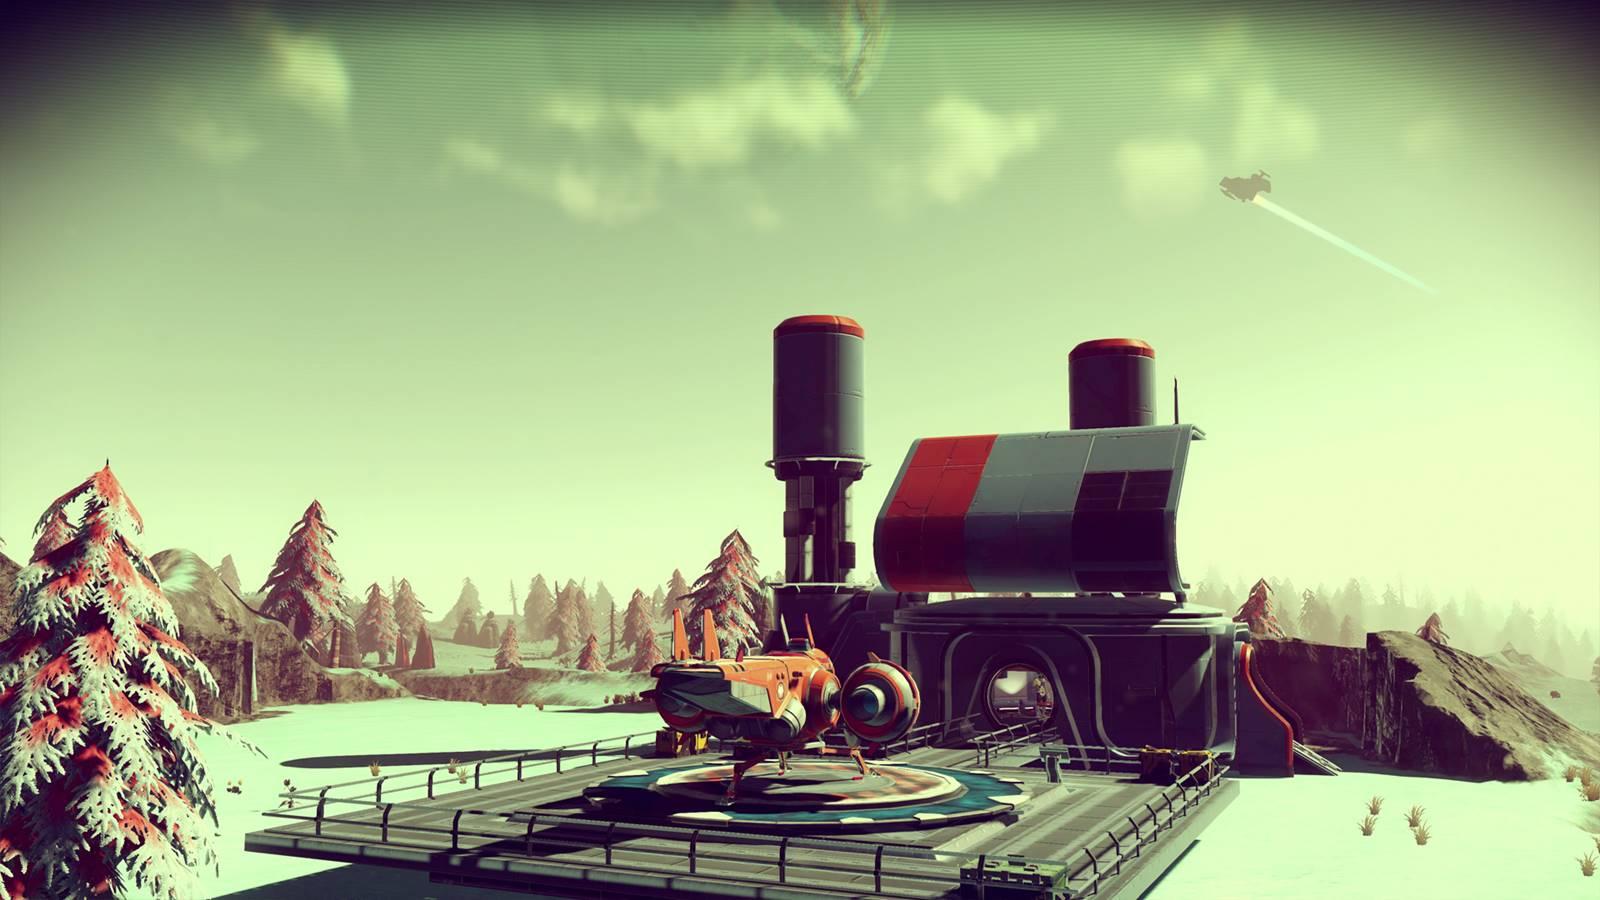 『No Man's Sky』のイメージ画像として用いられているシーンの多くは、ゲーム内で見かけることができない。